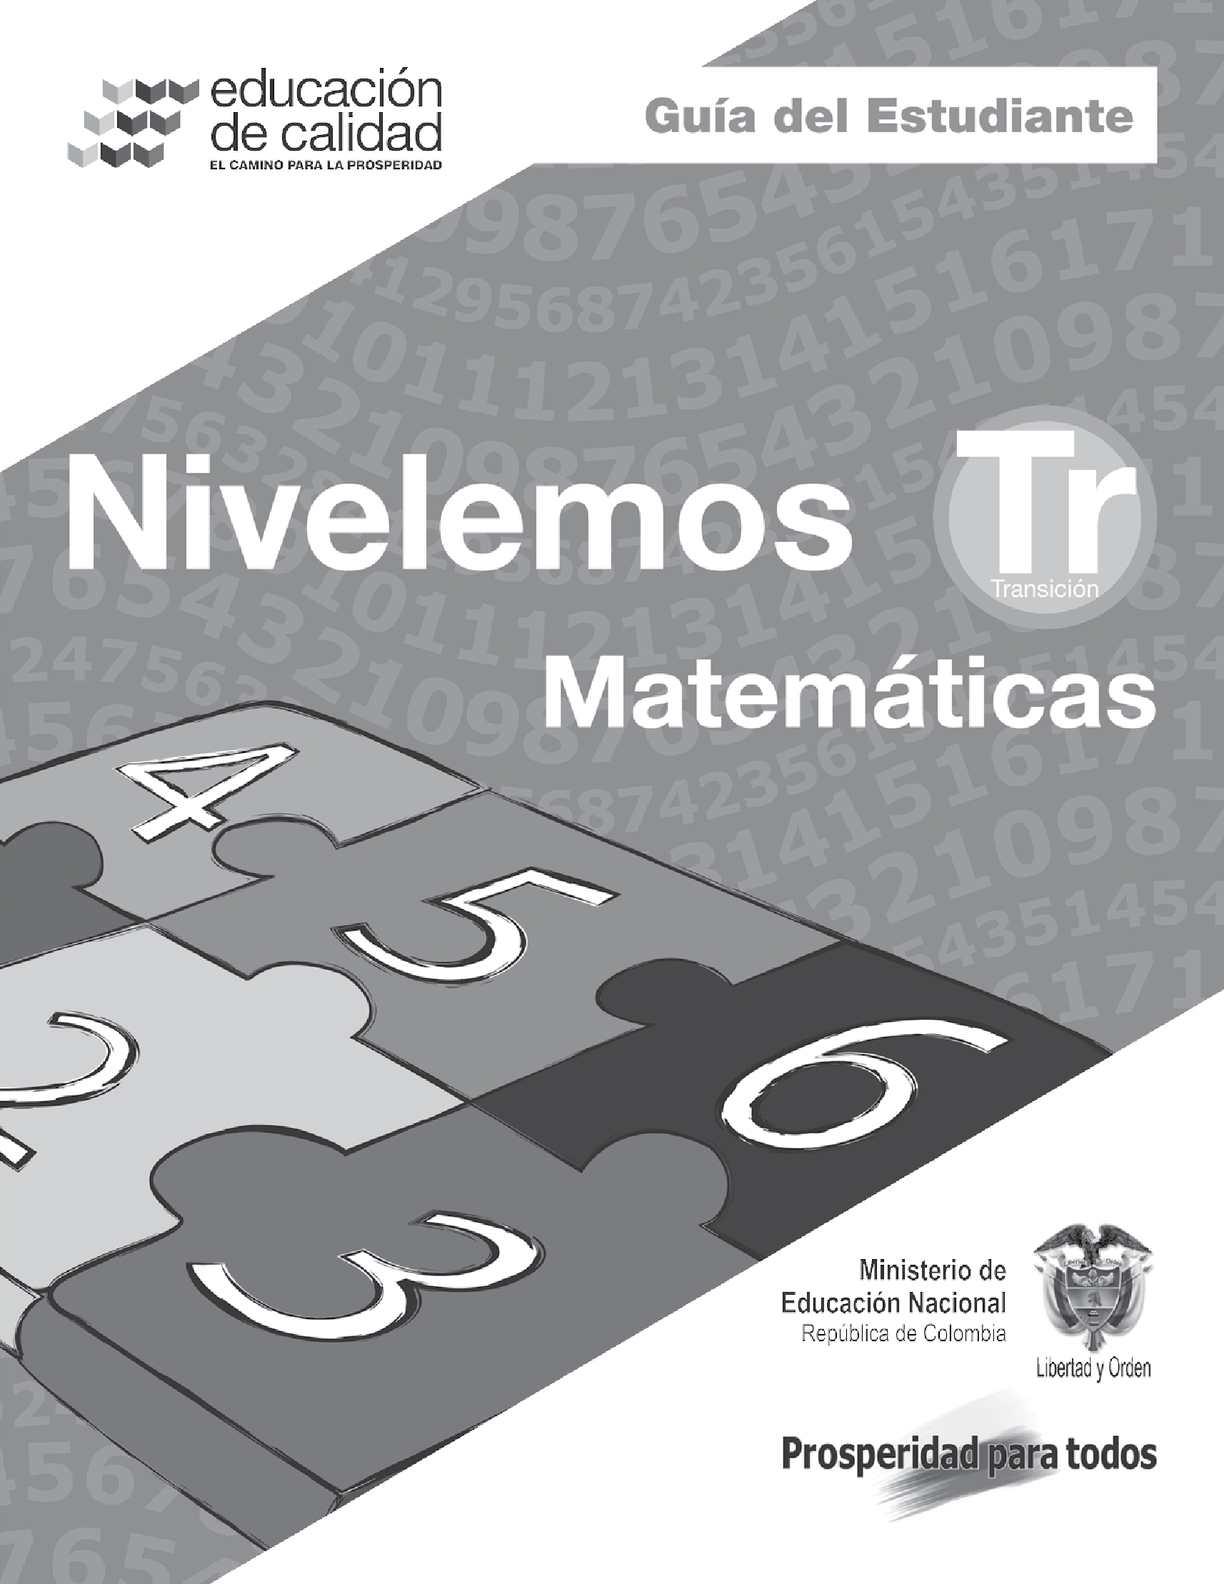 Nivelemos- Guía de Matemáticas del estudiante- Transición